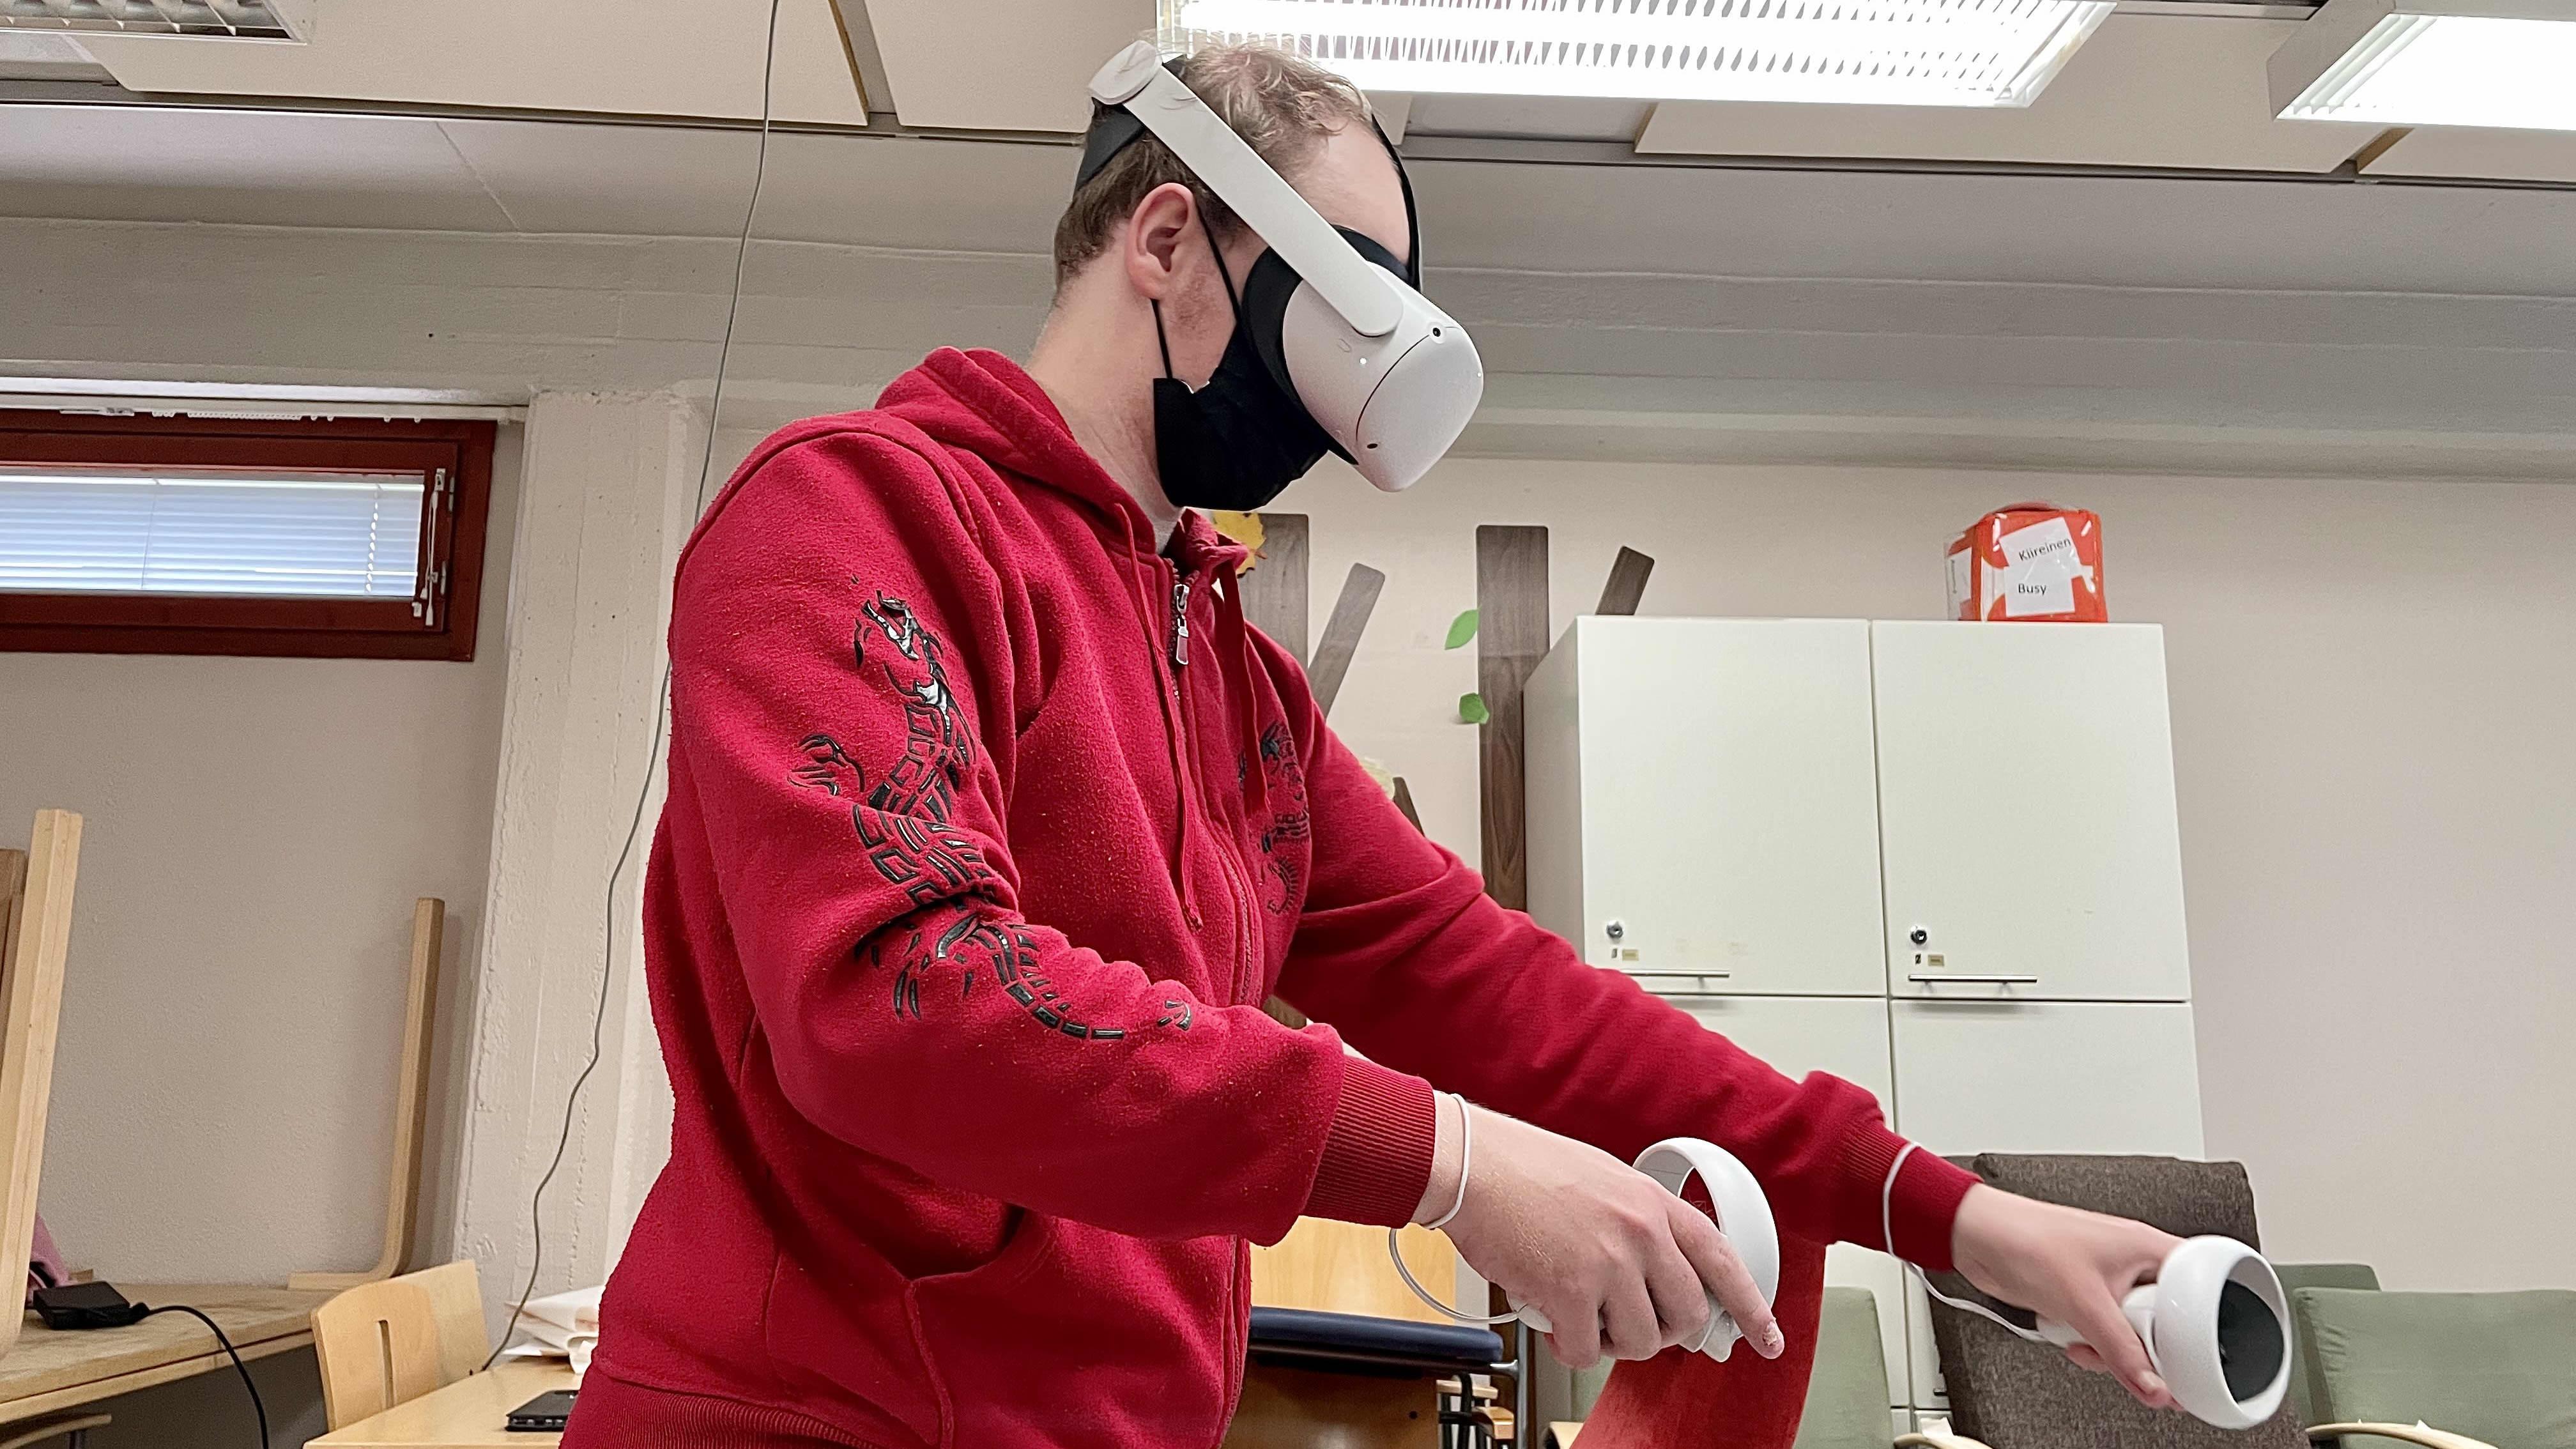 """Kajaanilainen Tapio Shnoro kokeilemassa """"Mysteeri 24/7"""" virtuaalista pakopeliä Kulttuuripaja Marilynin tiloissa."""